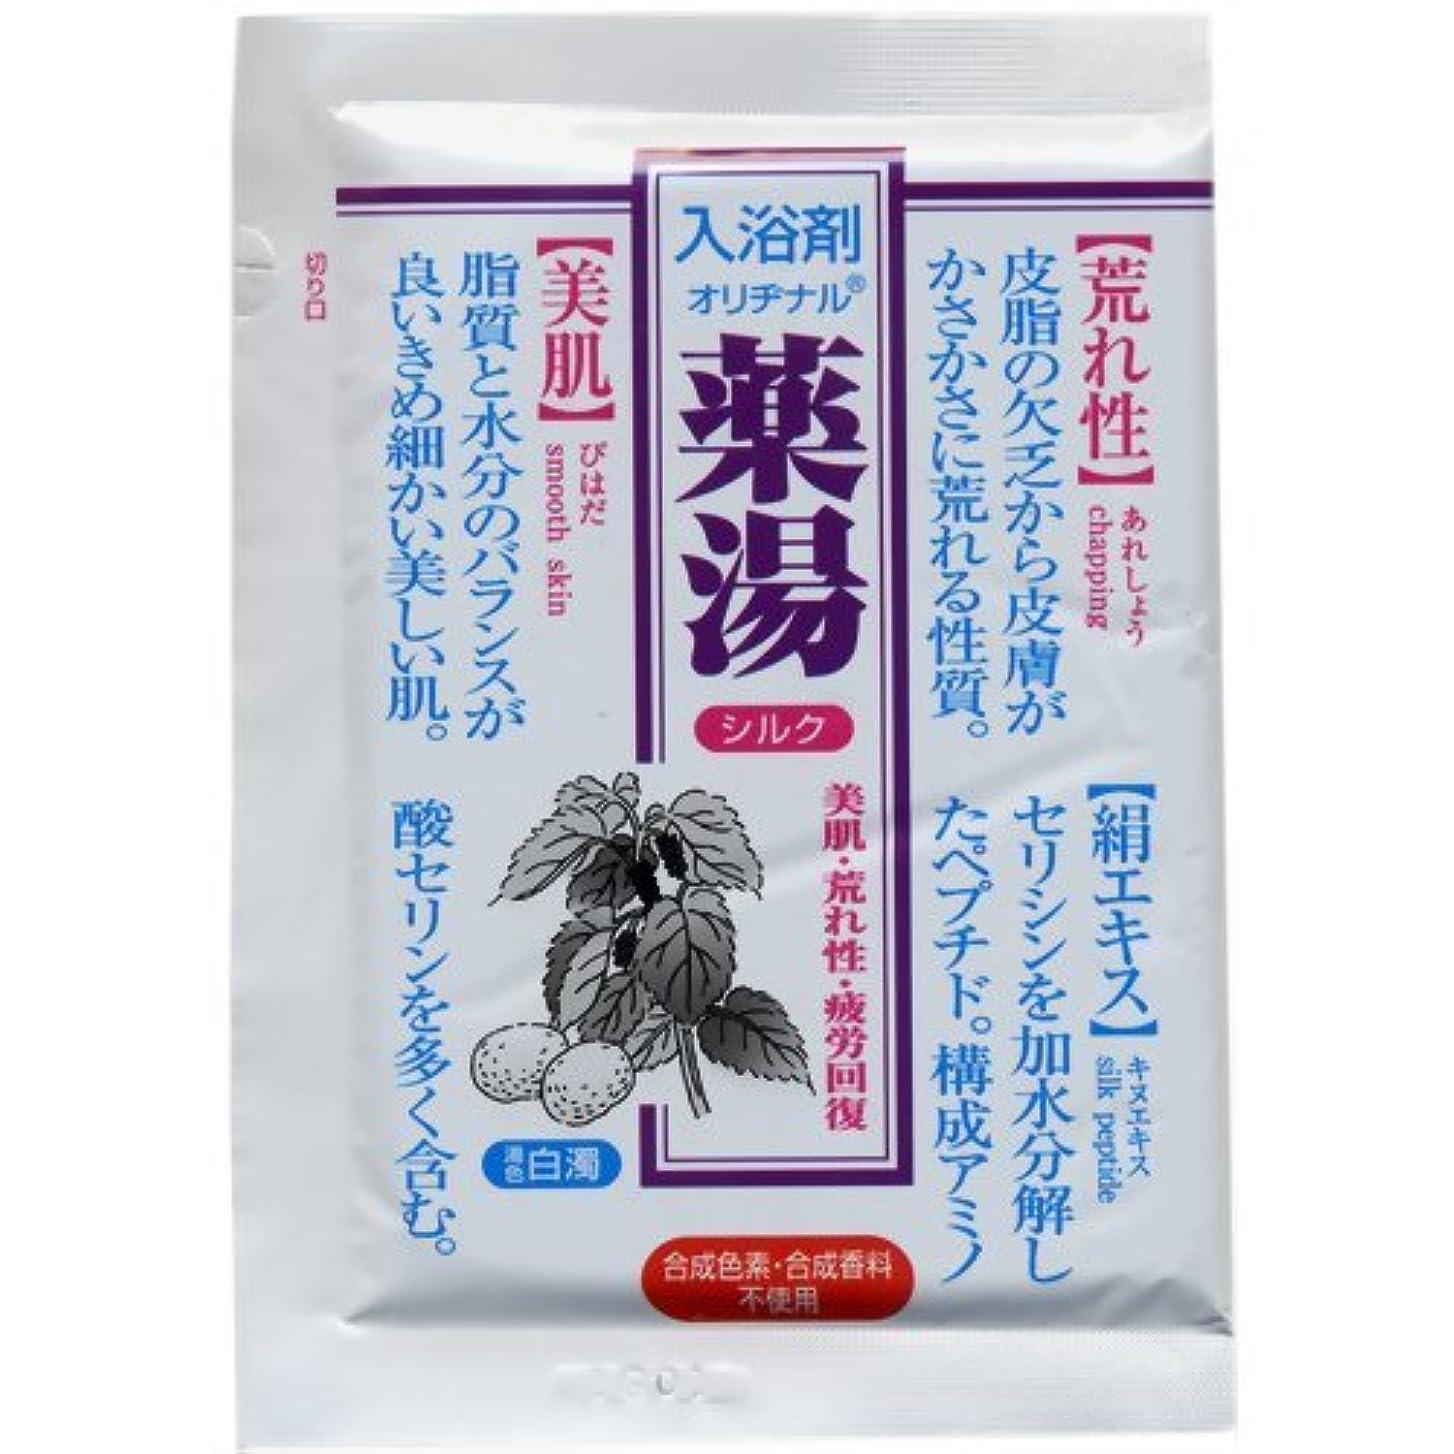 オリヂナル 薬湯 シルク 30g